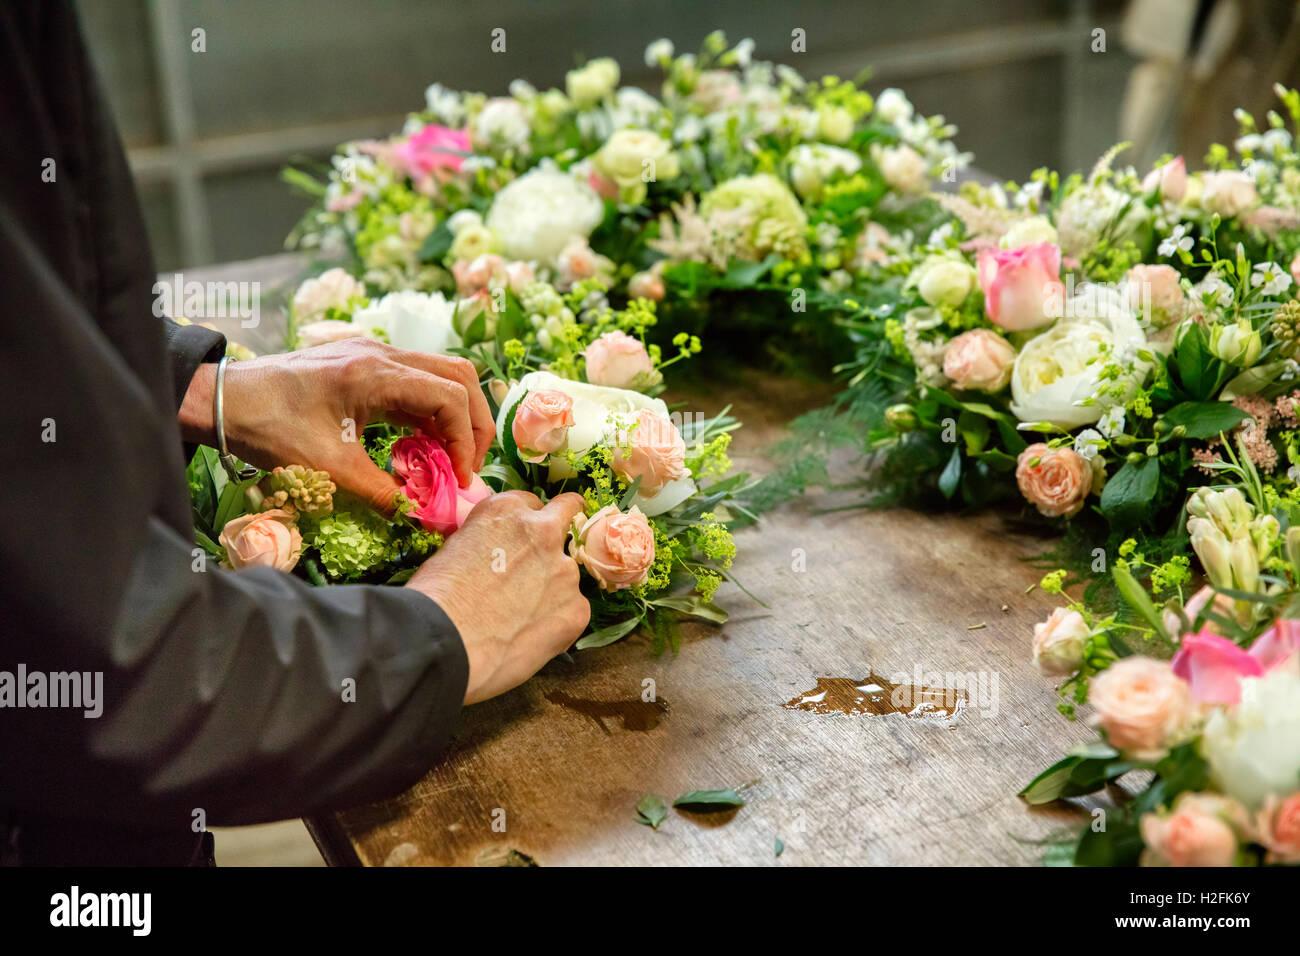 Kommerzielle Blumenbinden. Ein Blumengeschäft, eine Frau arbeitet an einem Blumenschmuck an einer Werkbank. Stockbild